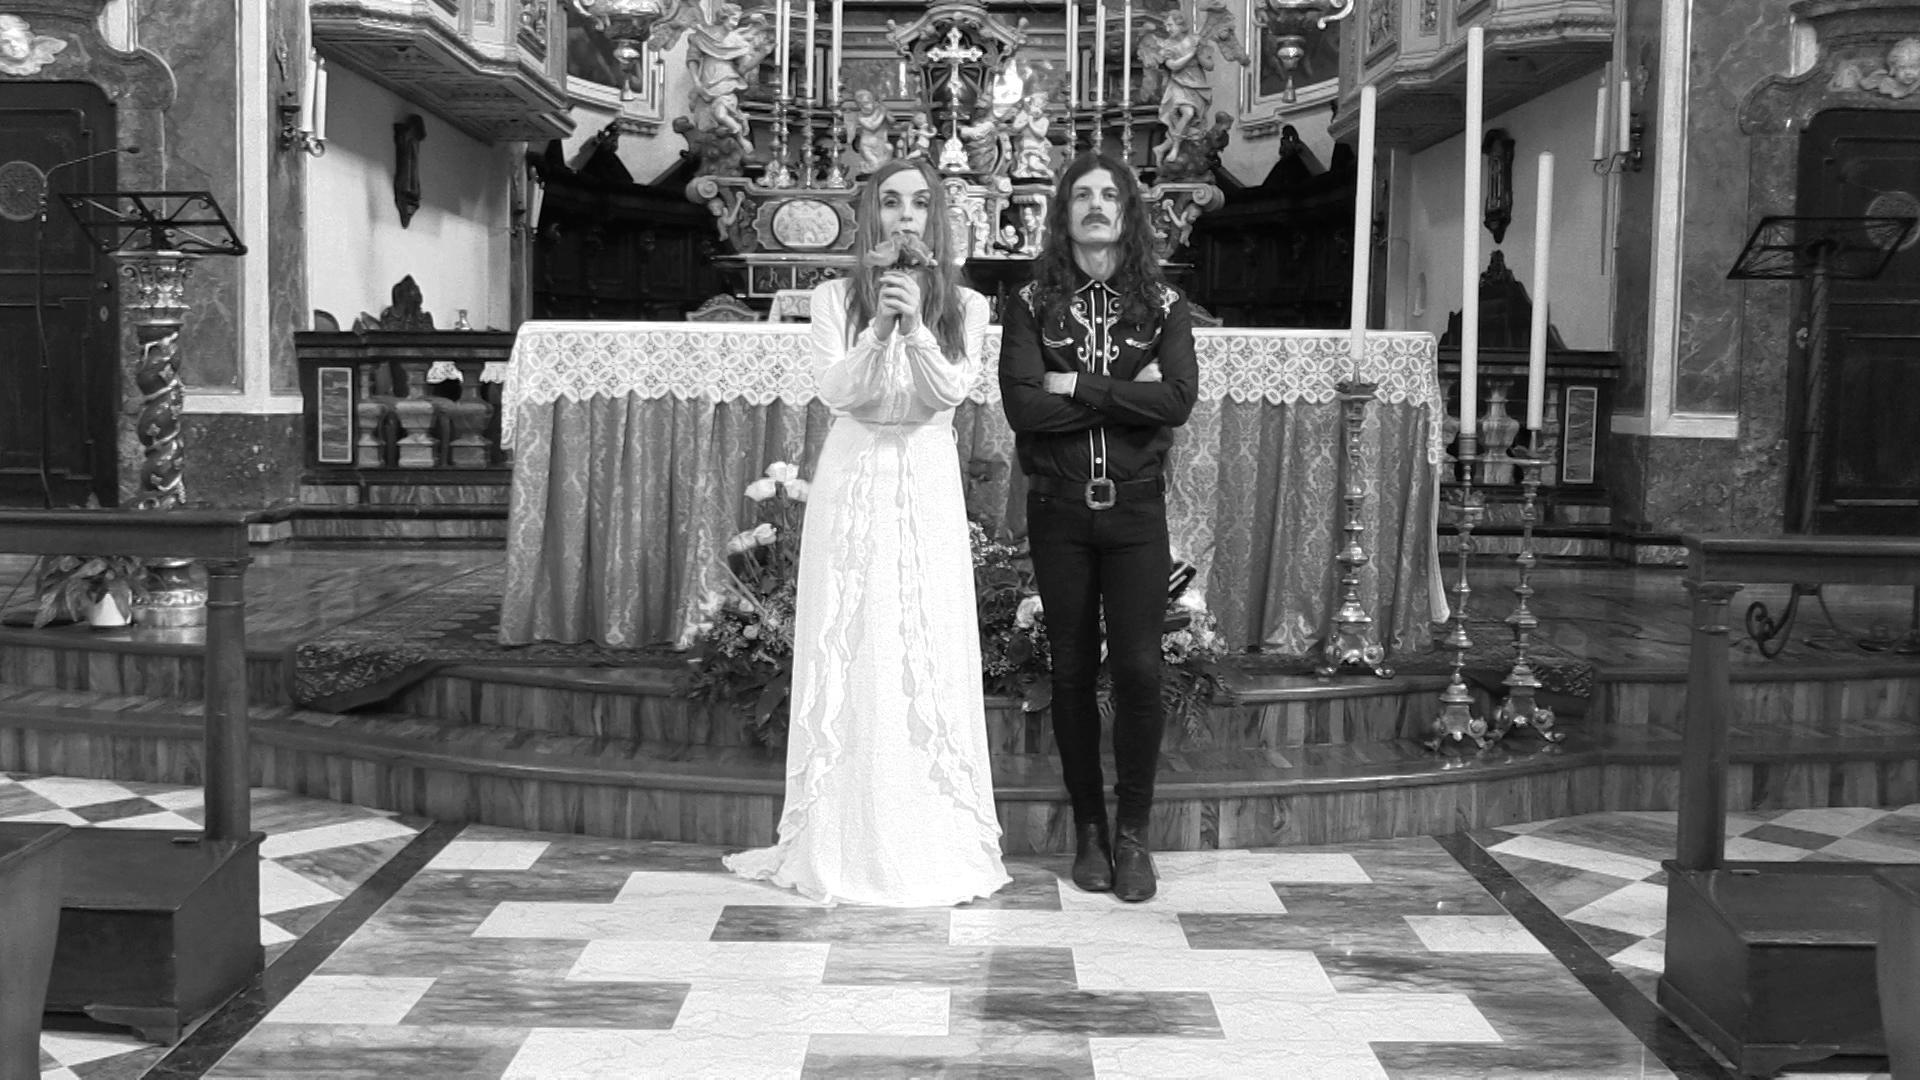 Nero Kane & Samantha Stella – photo courtesy of Samantha Stella